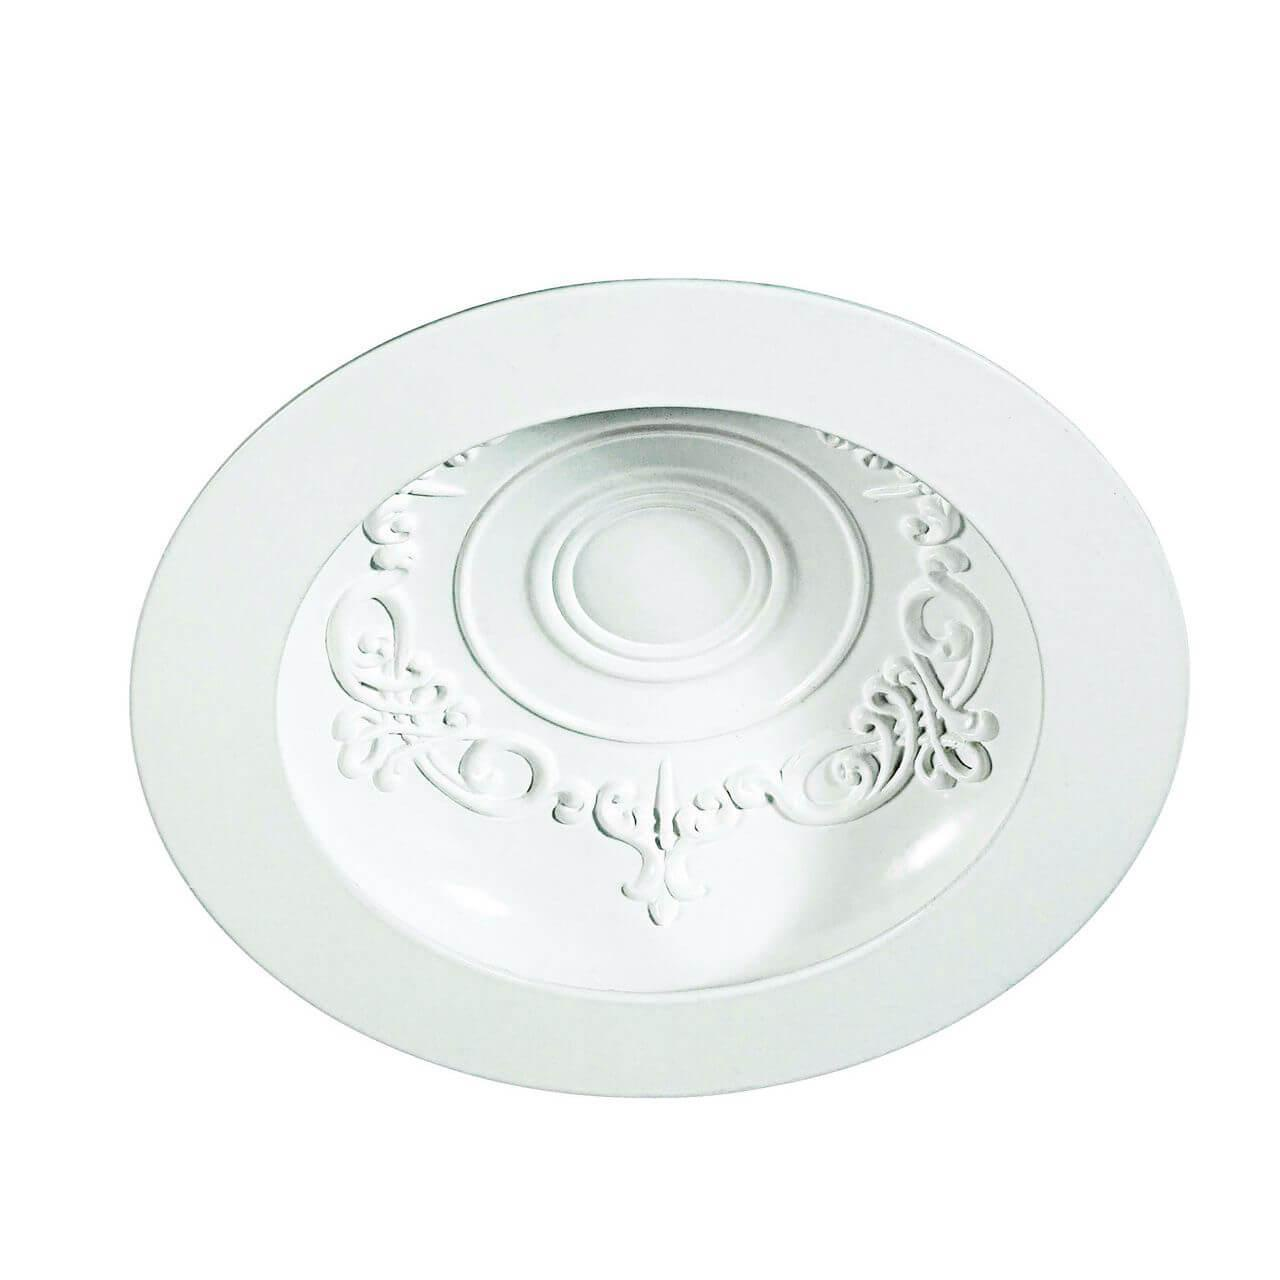 Встраиваемый светильник Novotech 357358, LED, 9 Вт novotech встраиваемый светодиодный светильник novotech gesso 357358